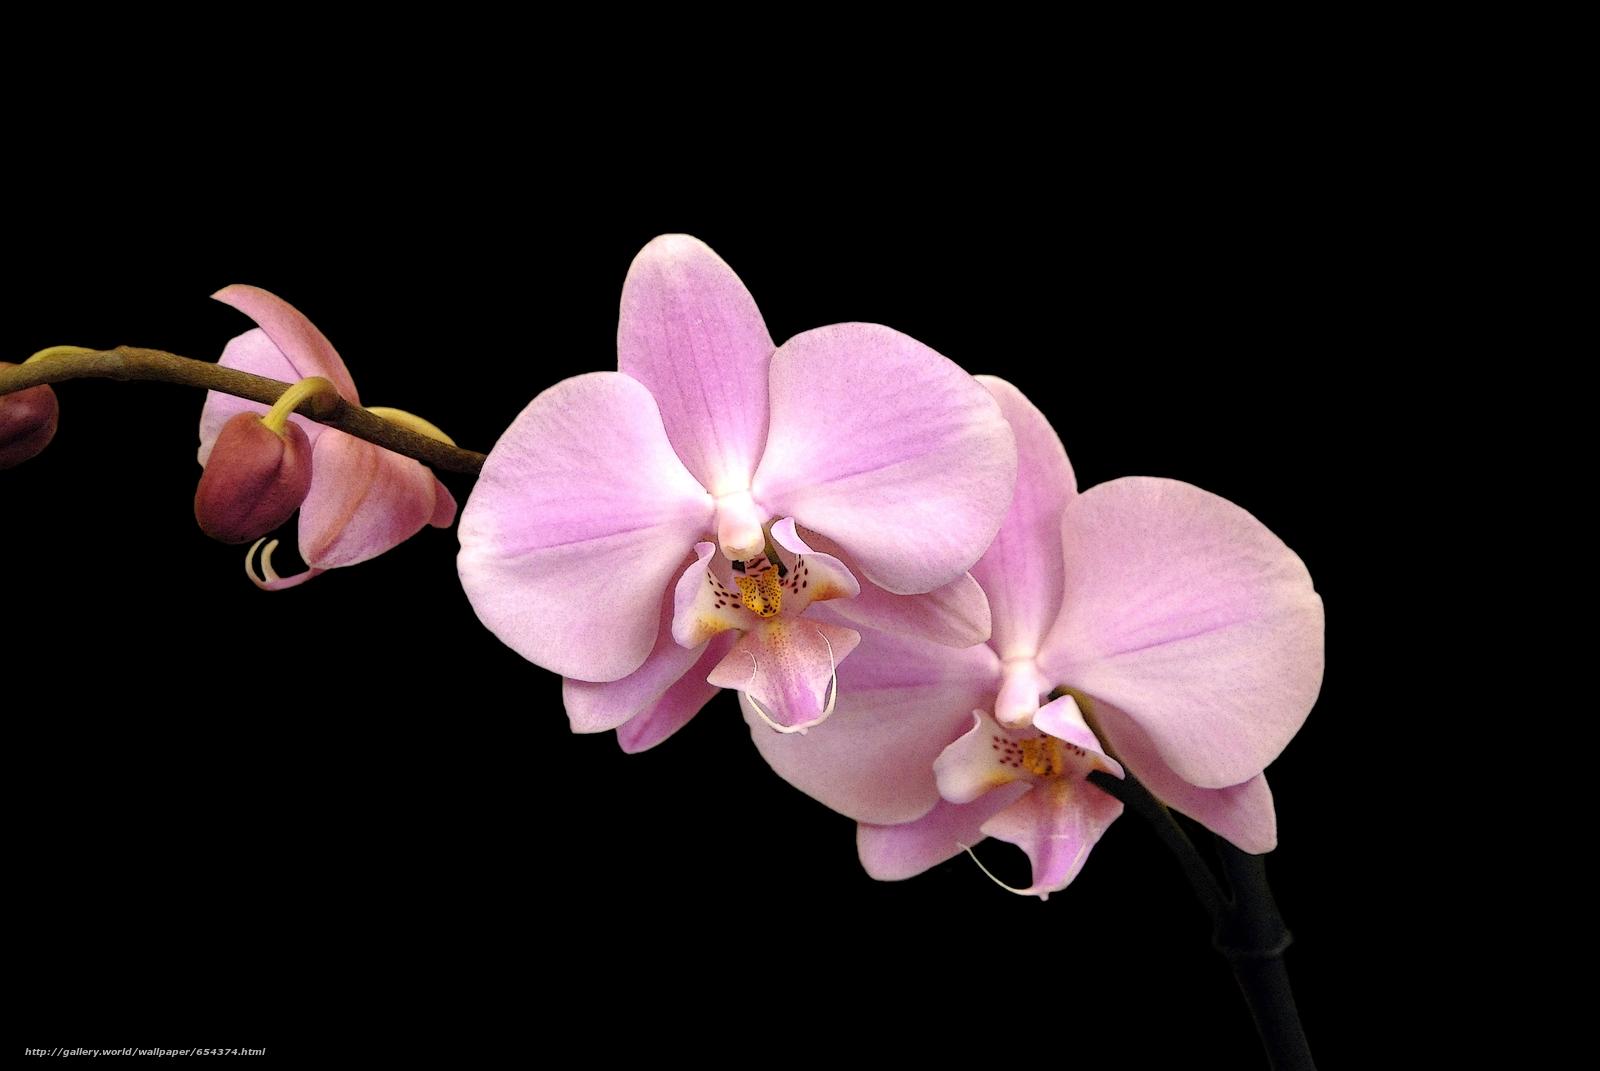 Скачать обои орхидея,  цветок,  флора бесплатно для рабочего стола в разрешении 3872x2592 — картинка №654374